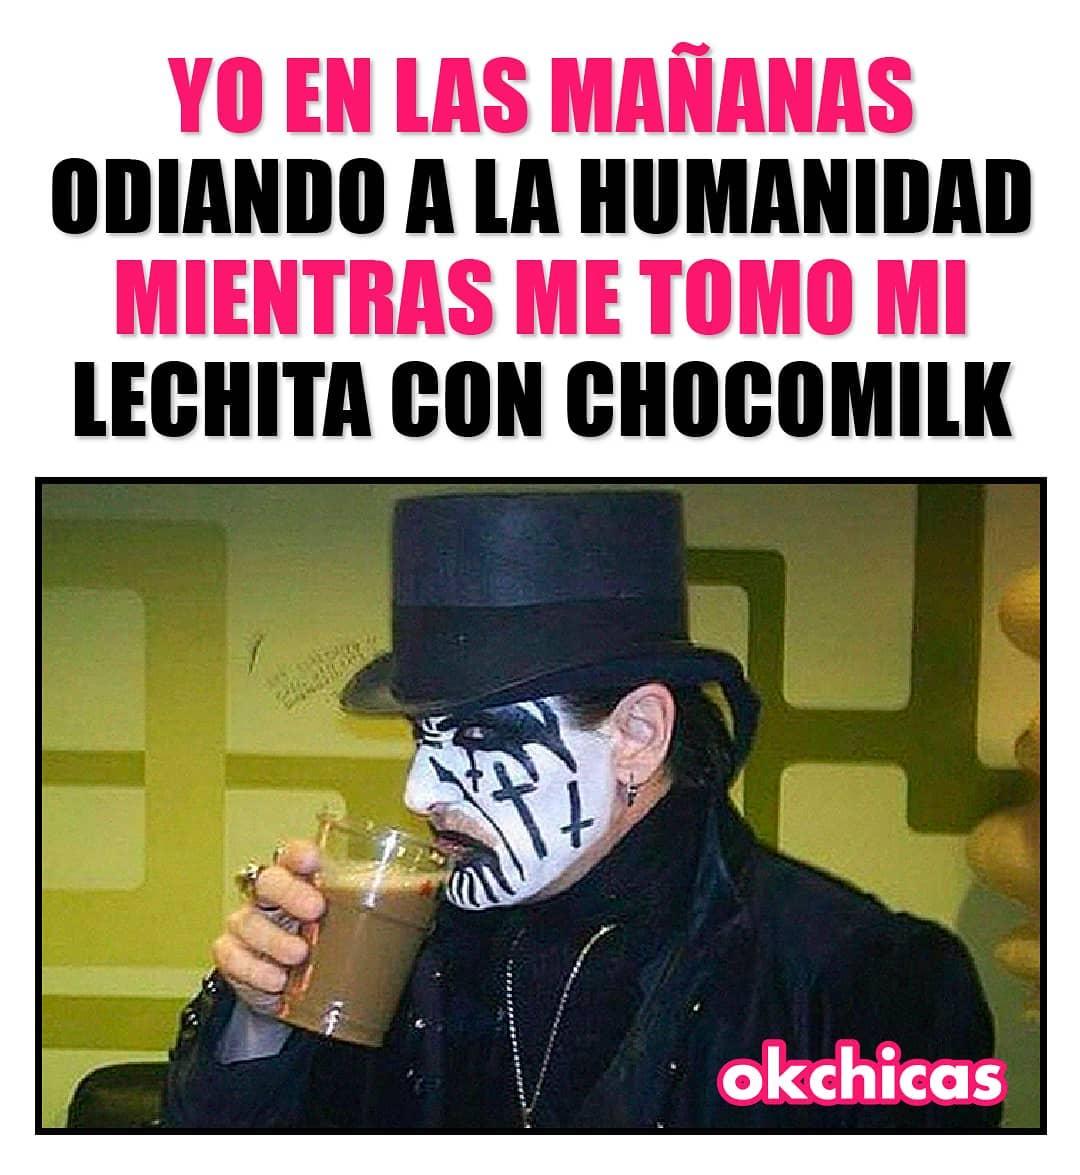 Yo en las mañanas odiando a la humanidad mientras me tomo mi lechita con Chocomilk.